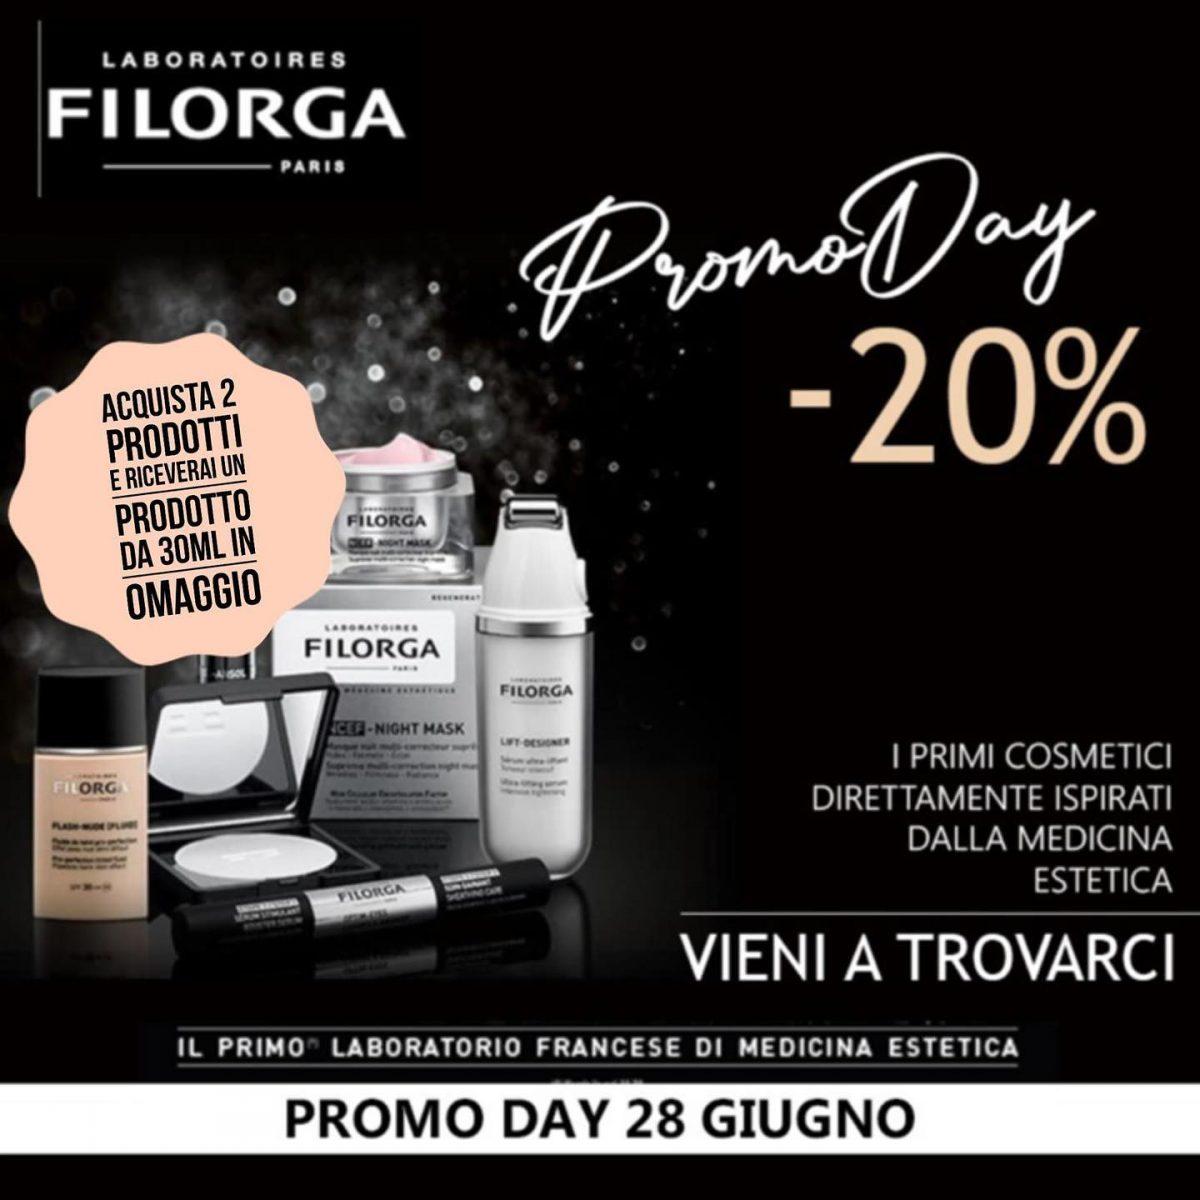 filorga-giu-1200x1200.jpg